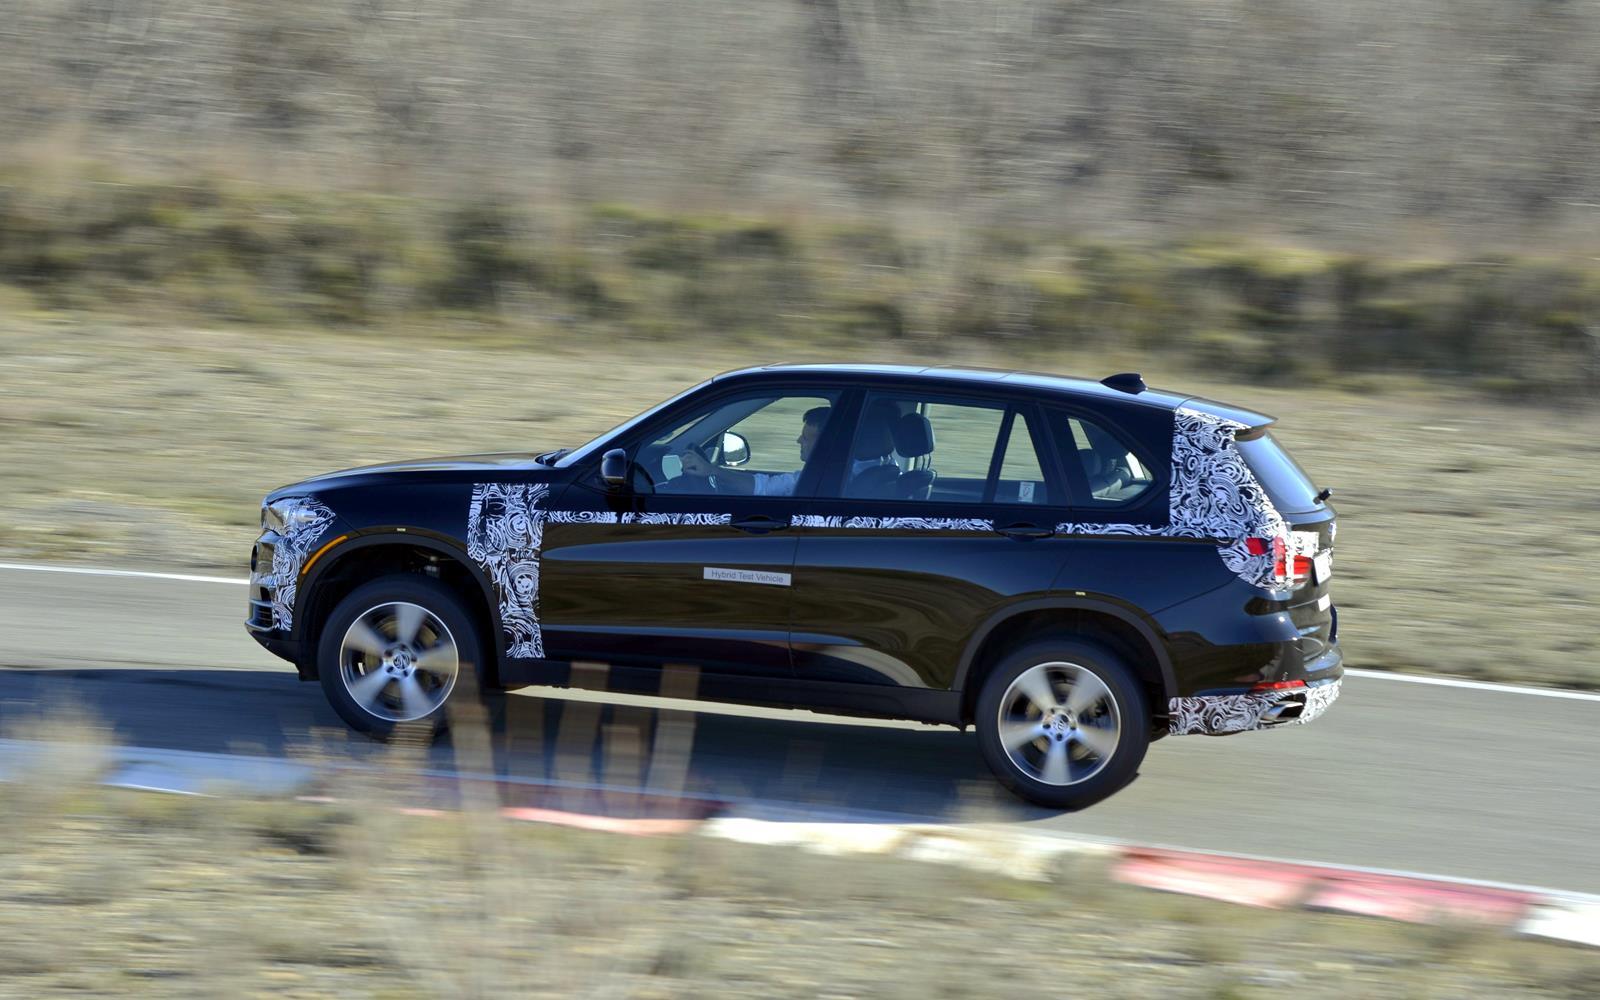 BMW X5 eDrive PHEV Prototype 2014 Profile Left FrontSeatDriver.co.uk